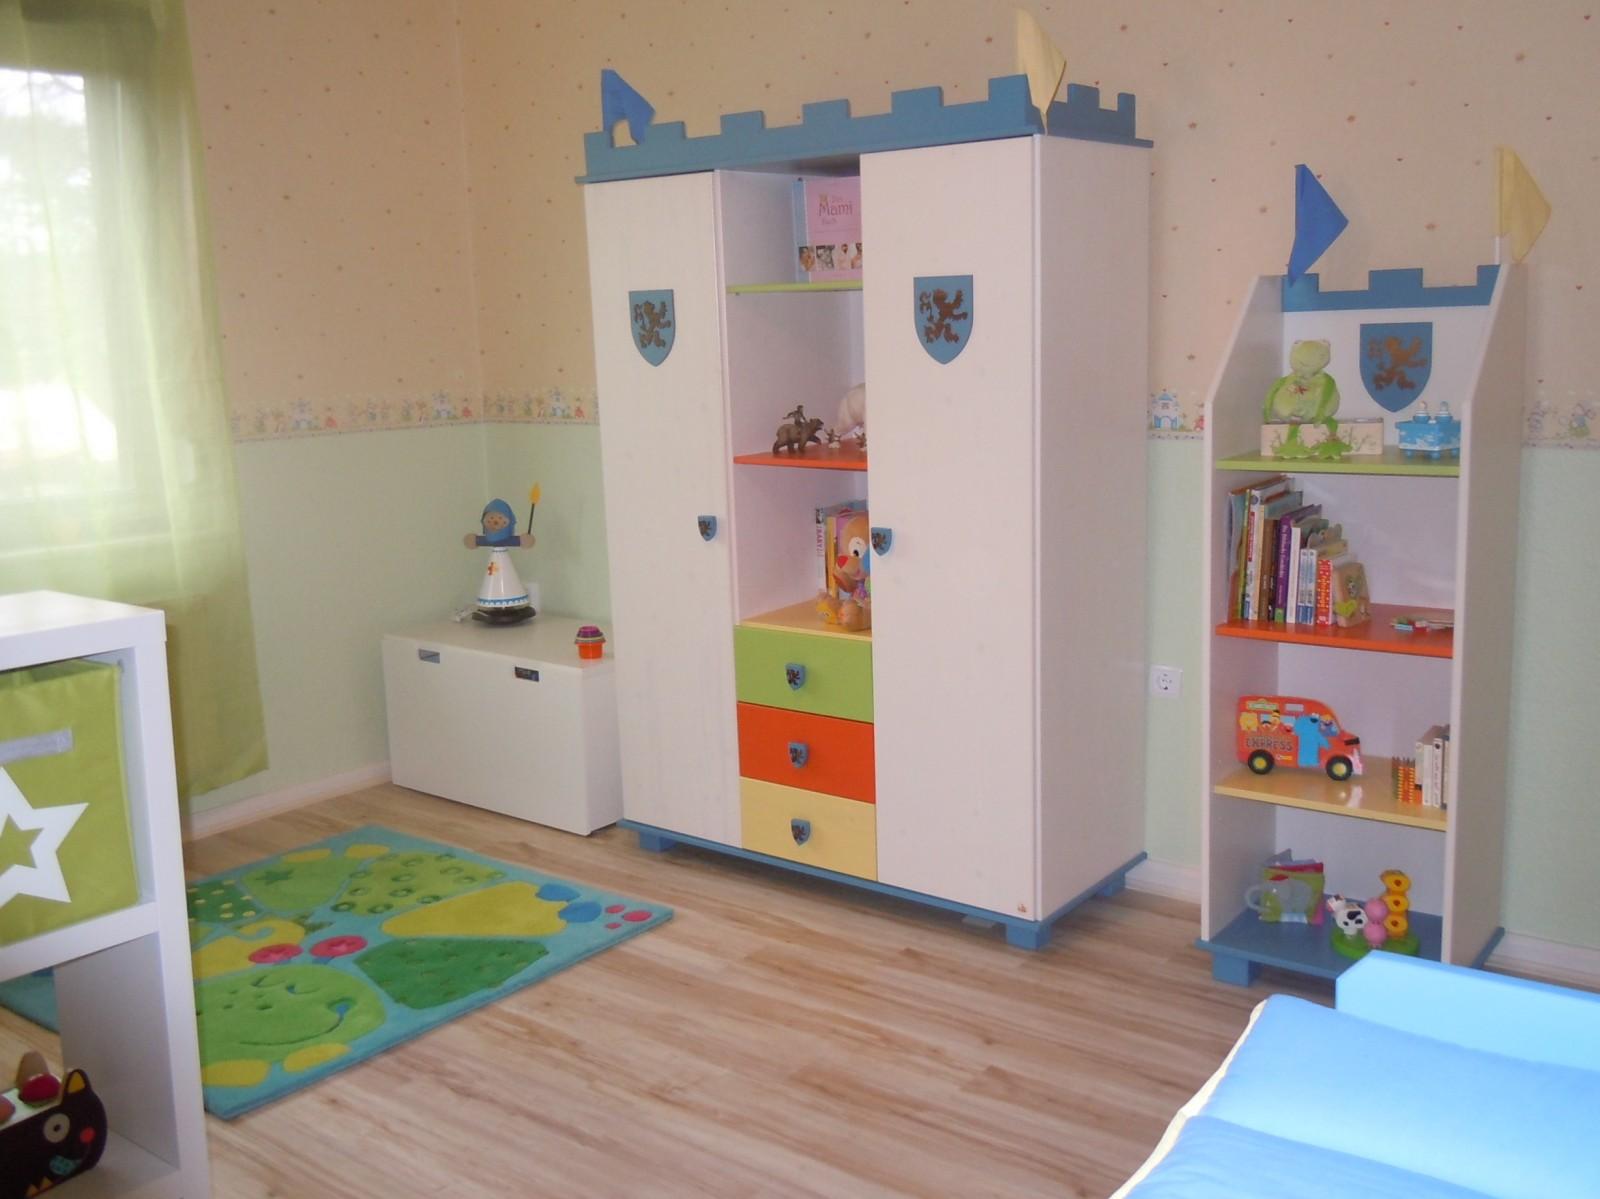 Kinderzimmer \'Ritter Julian\' - Sweet Home - Sommerkind2010 - Zimmerschau